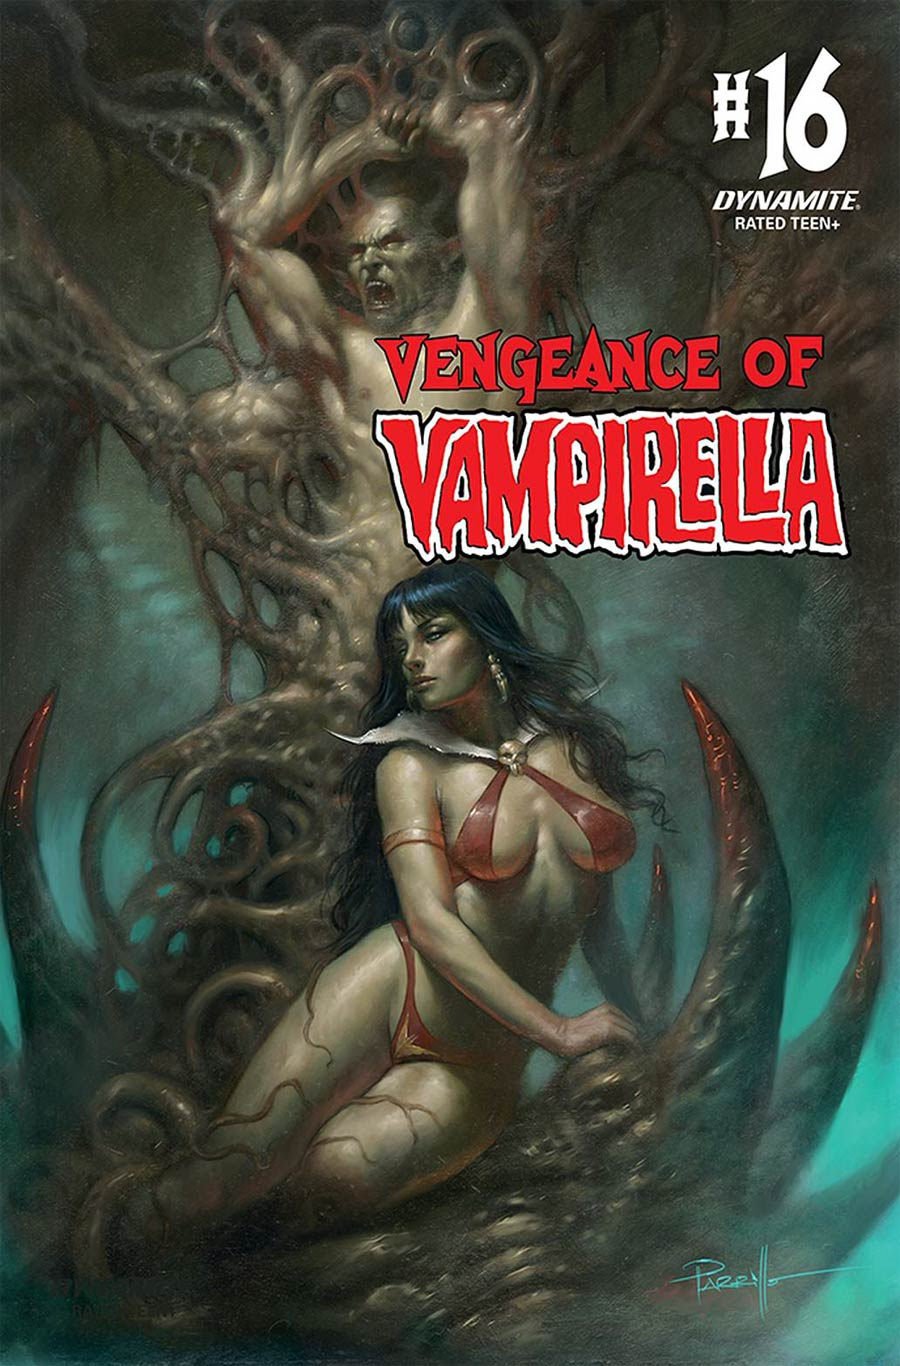 Vengeance Of Vampirella Vol 2 #16 Cover A Regular Lucio Parrillo Cover